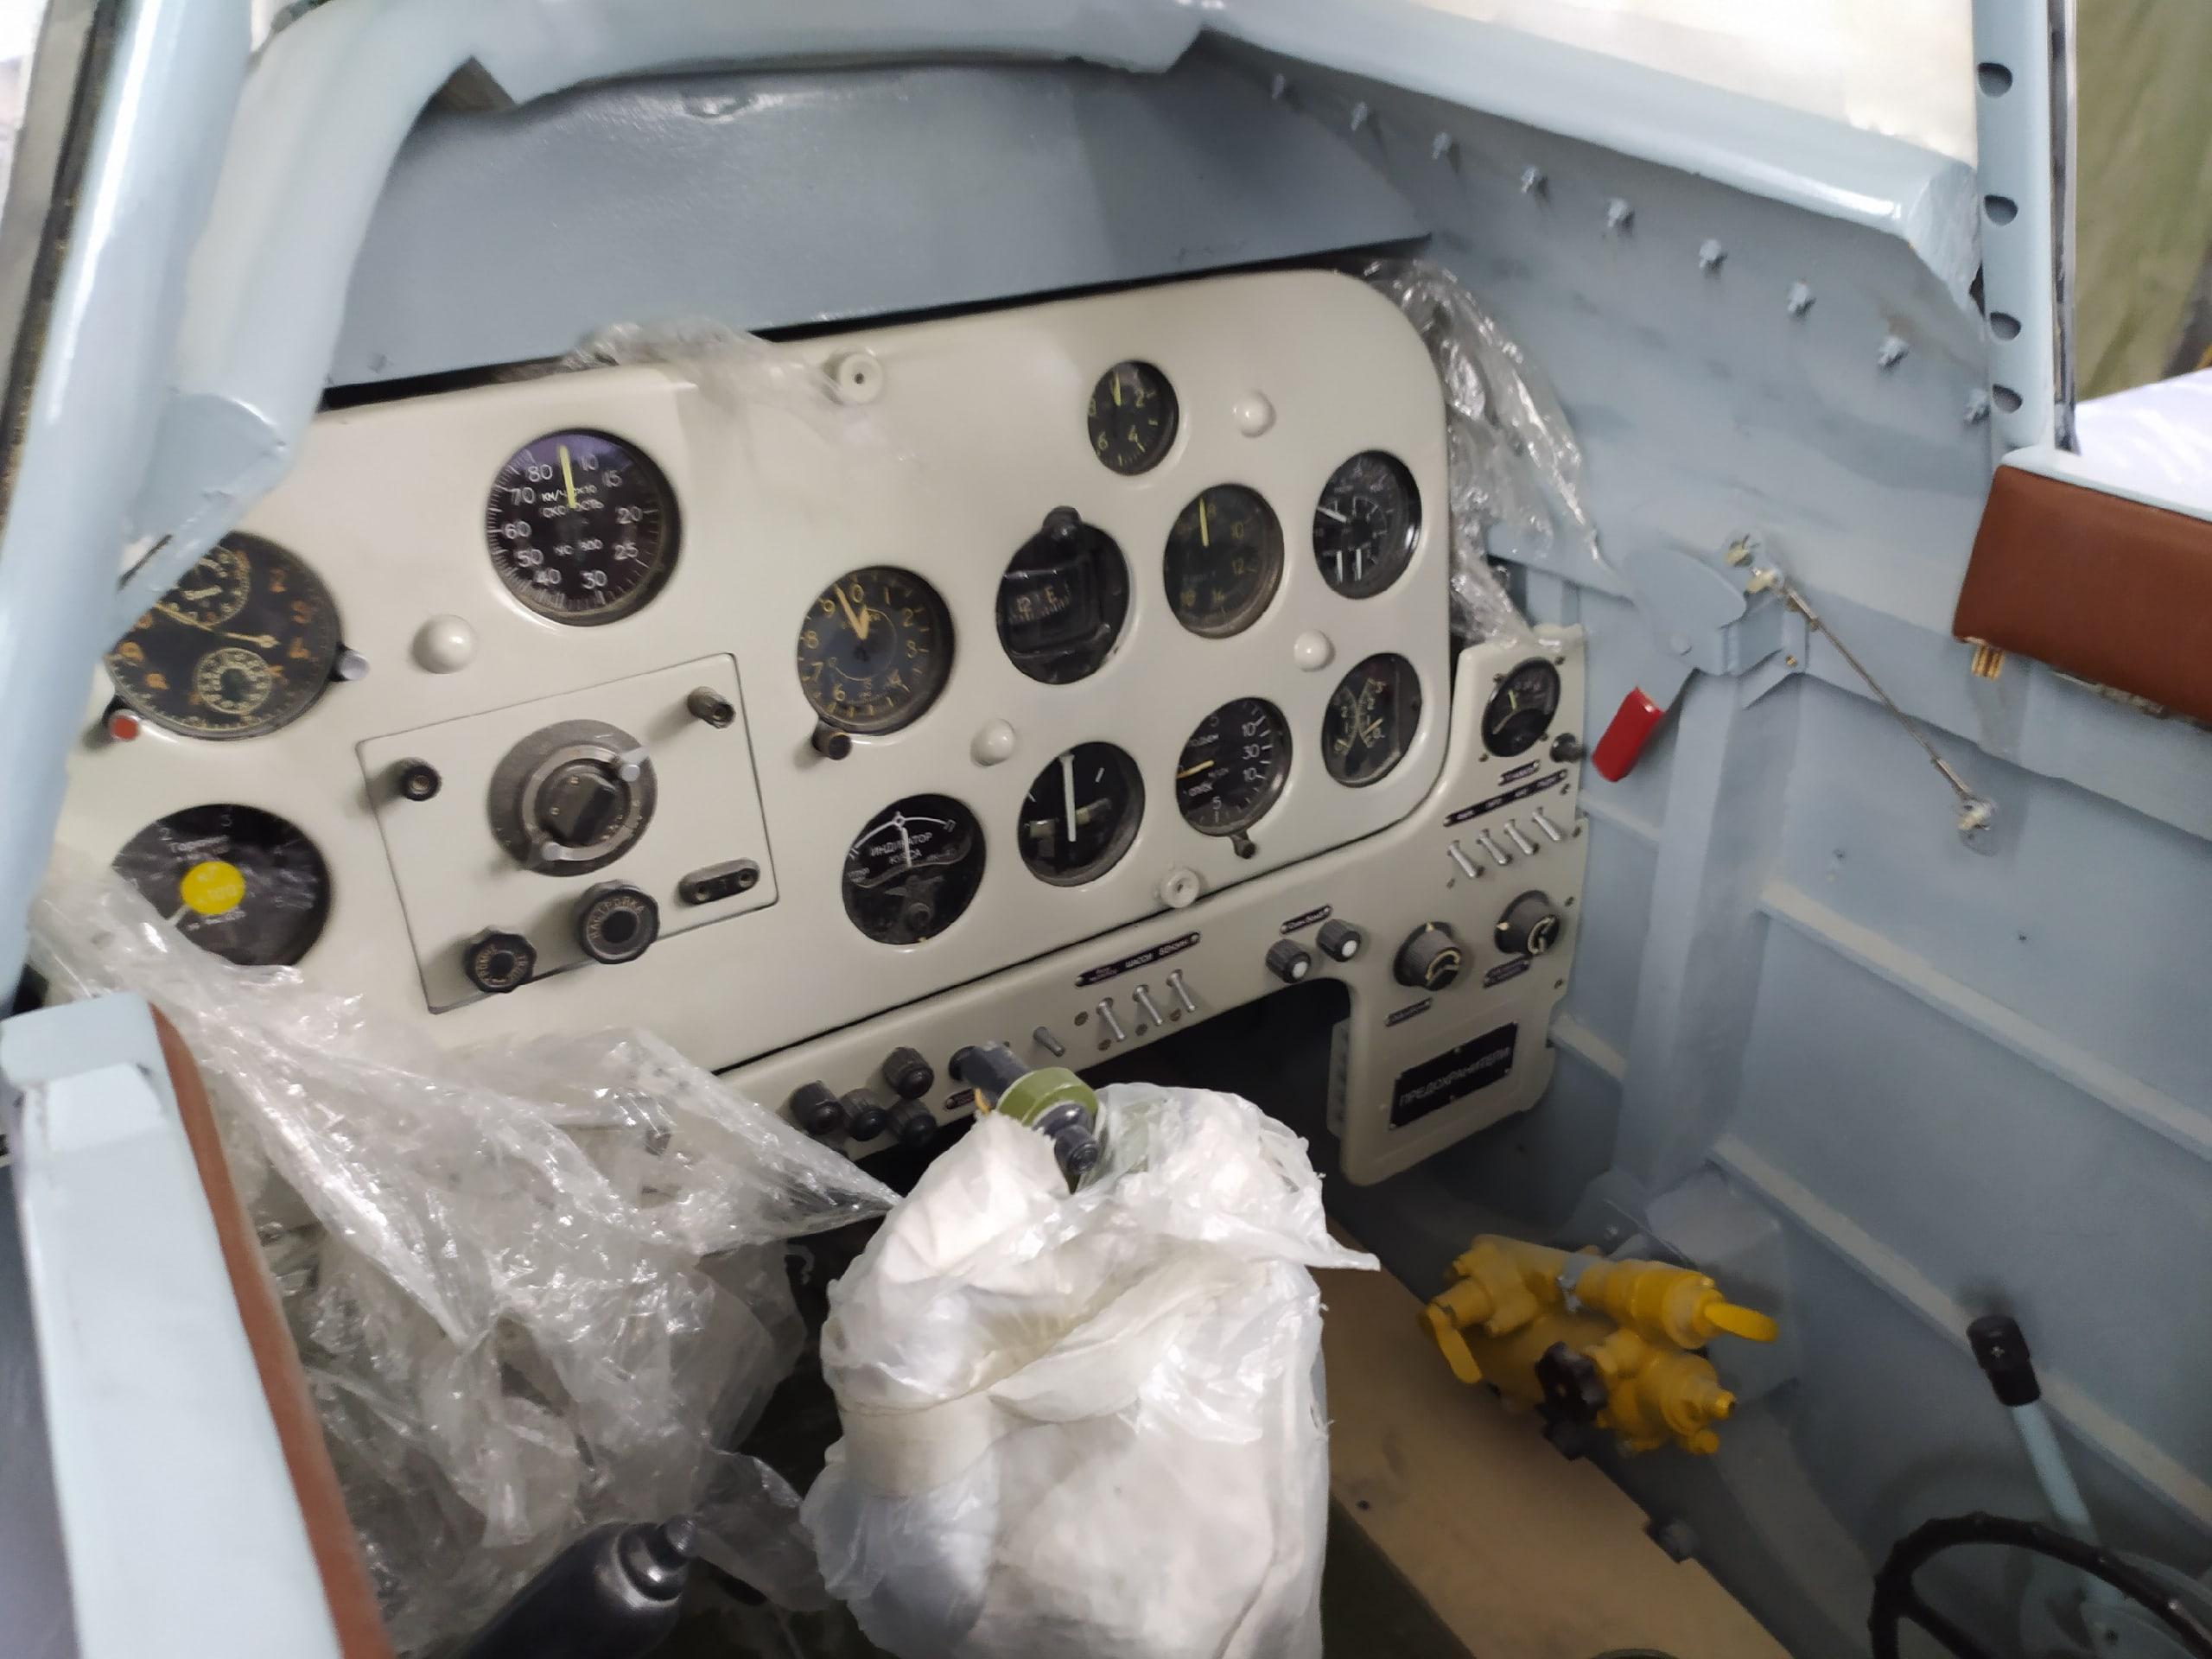 фото В Новосибирске восстанавливают уникальный истребитель времён Второй мировой: на корпусе Ла-5 снова засияют красные звёзды 7